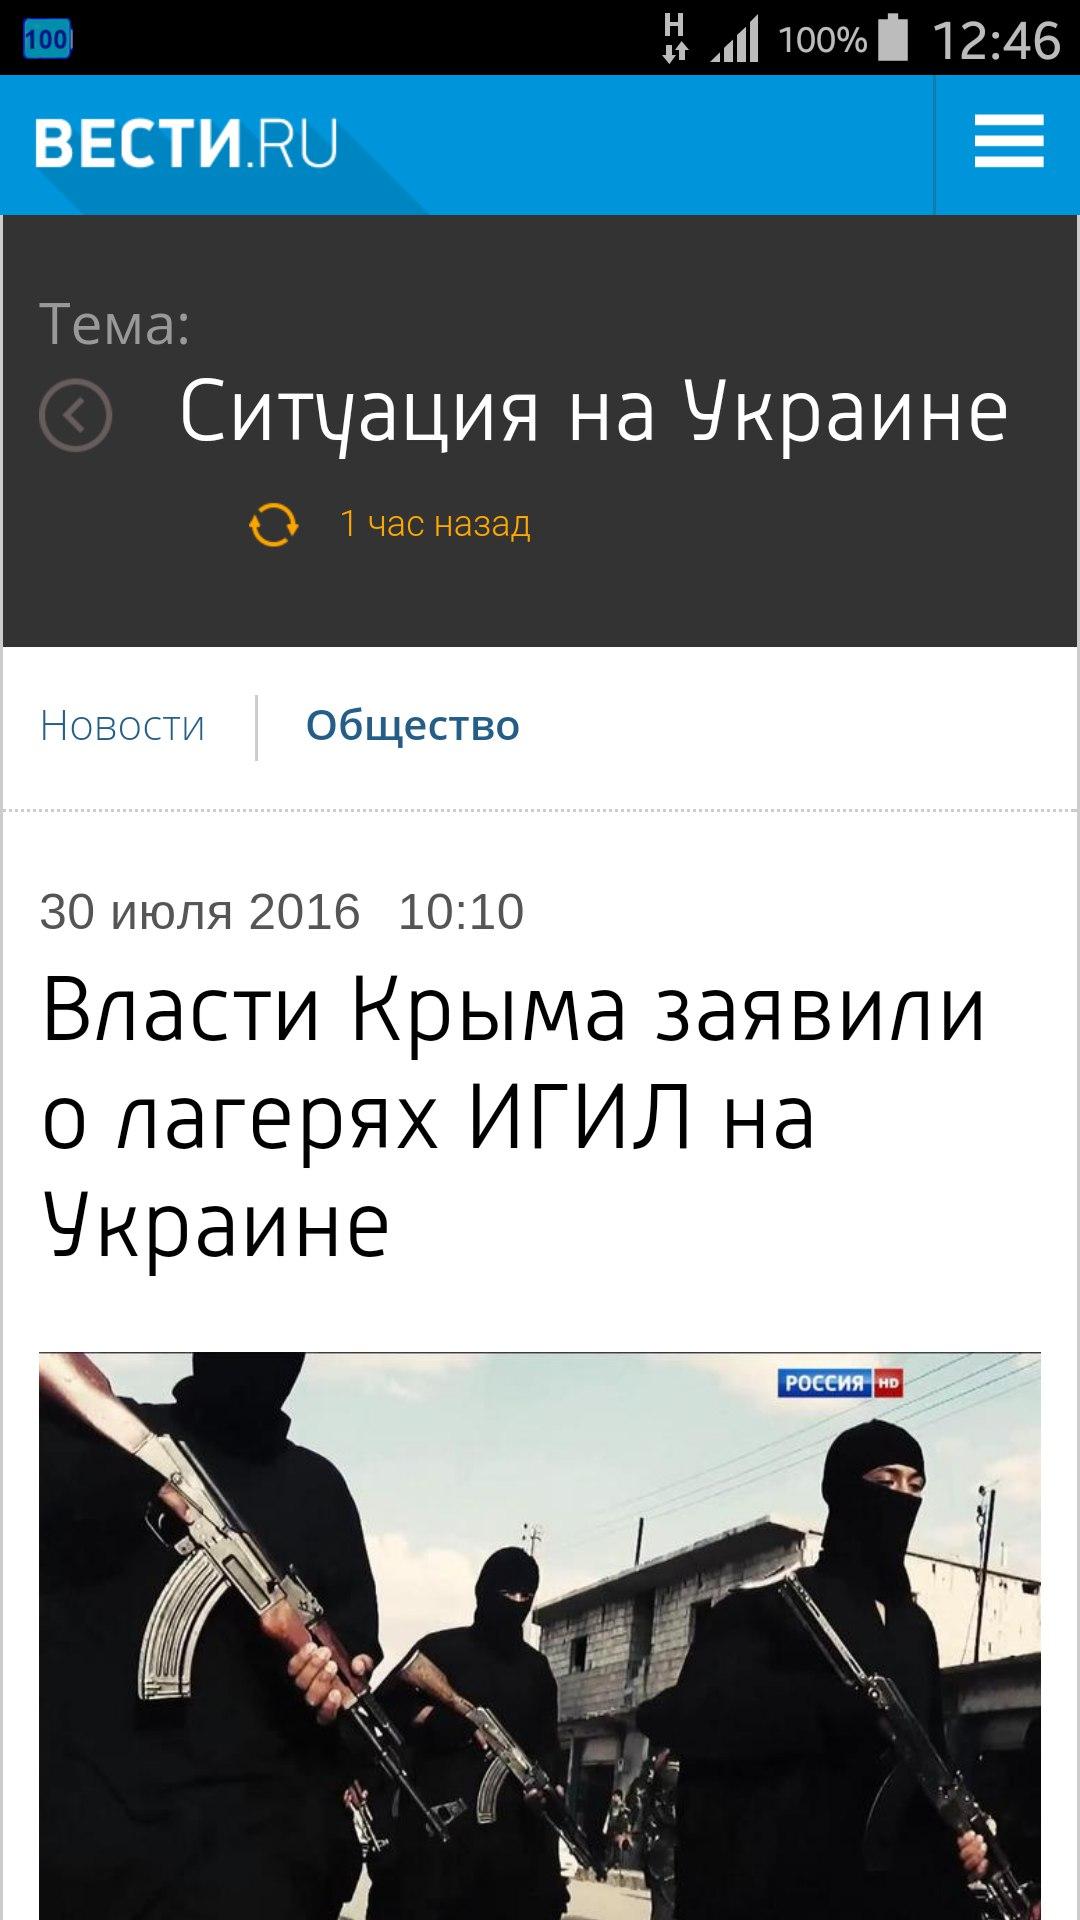 Силы АТО ликвидировали двоих и ранили четверых оккупантов на Донбассе, - Минобороны Украины - Цензор.НЕТ 68